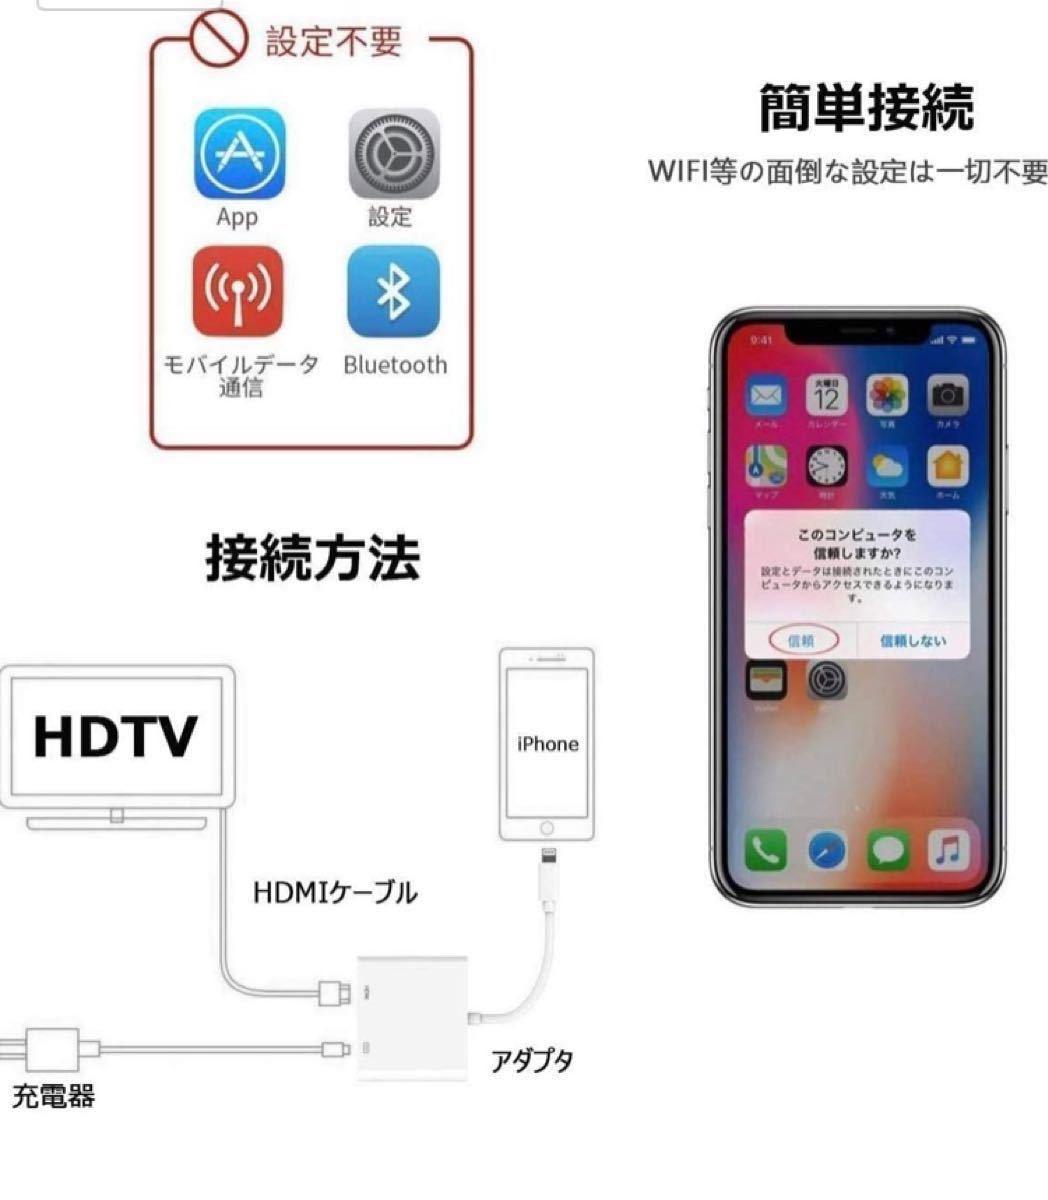 HDMI HDMI変換ケーブル ライトニング